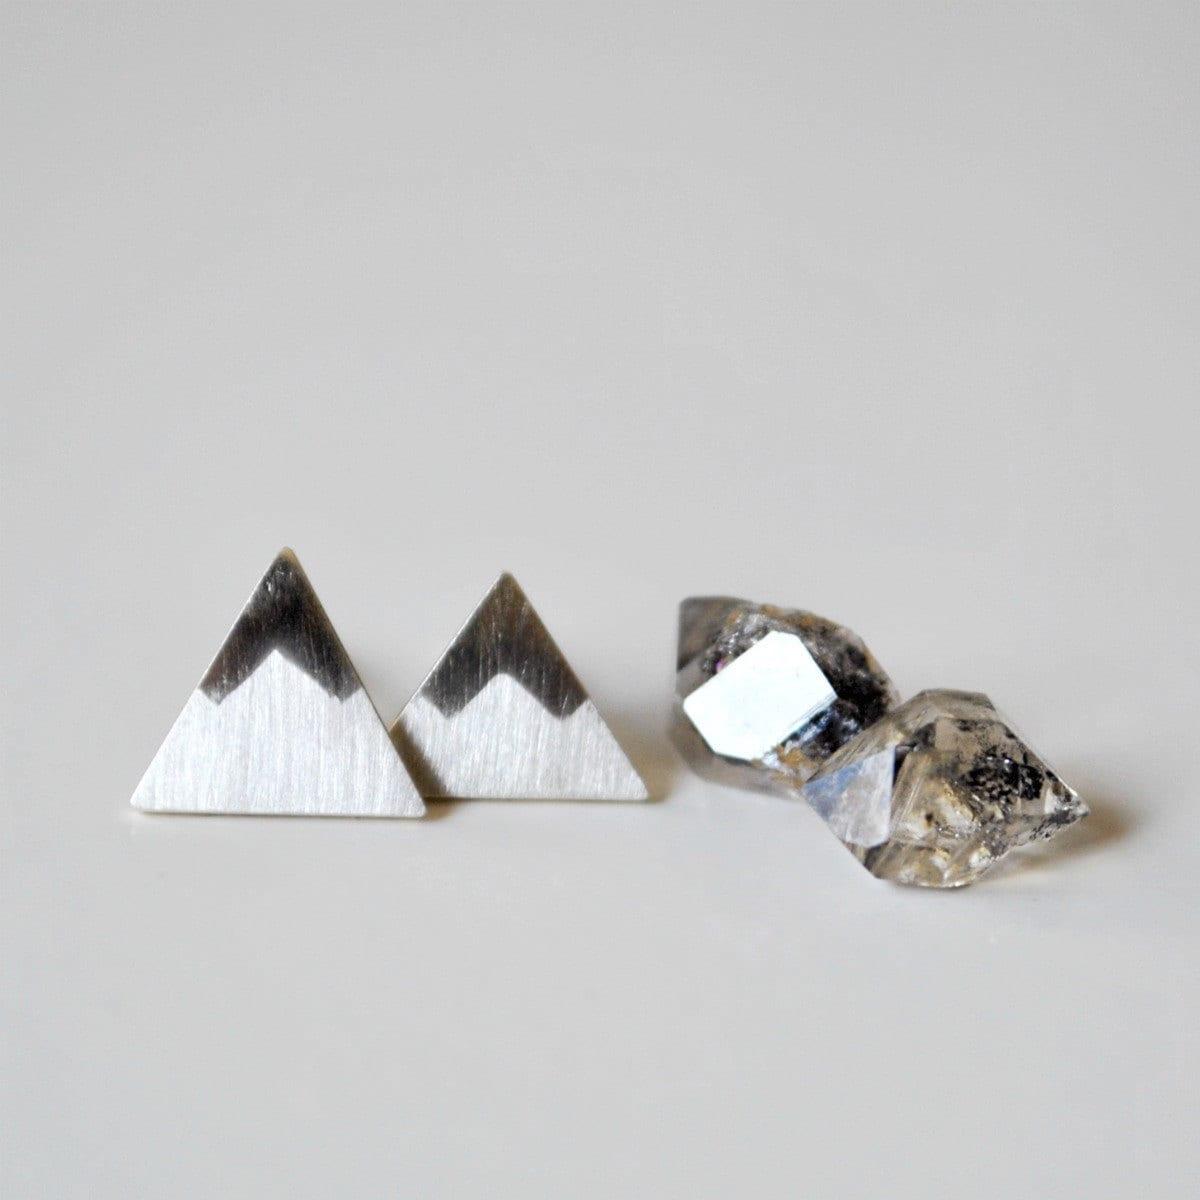 Peaks - Mountains Sterling Silver Stud Earrings - TheAngryWeather